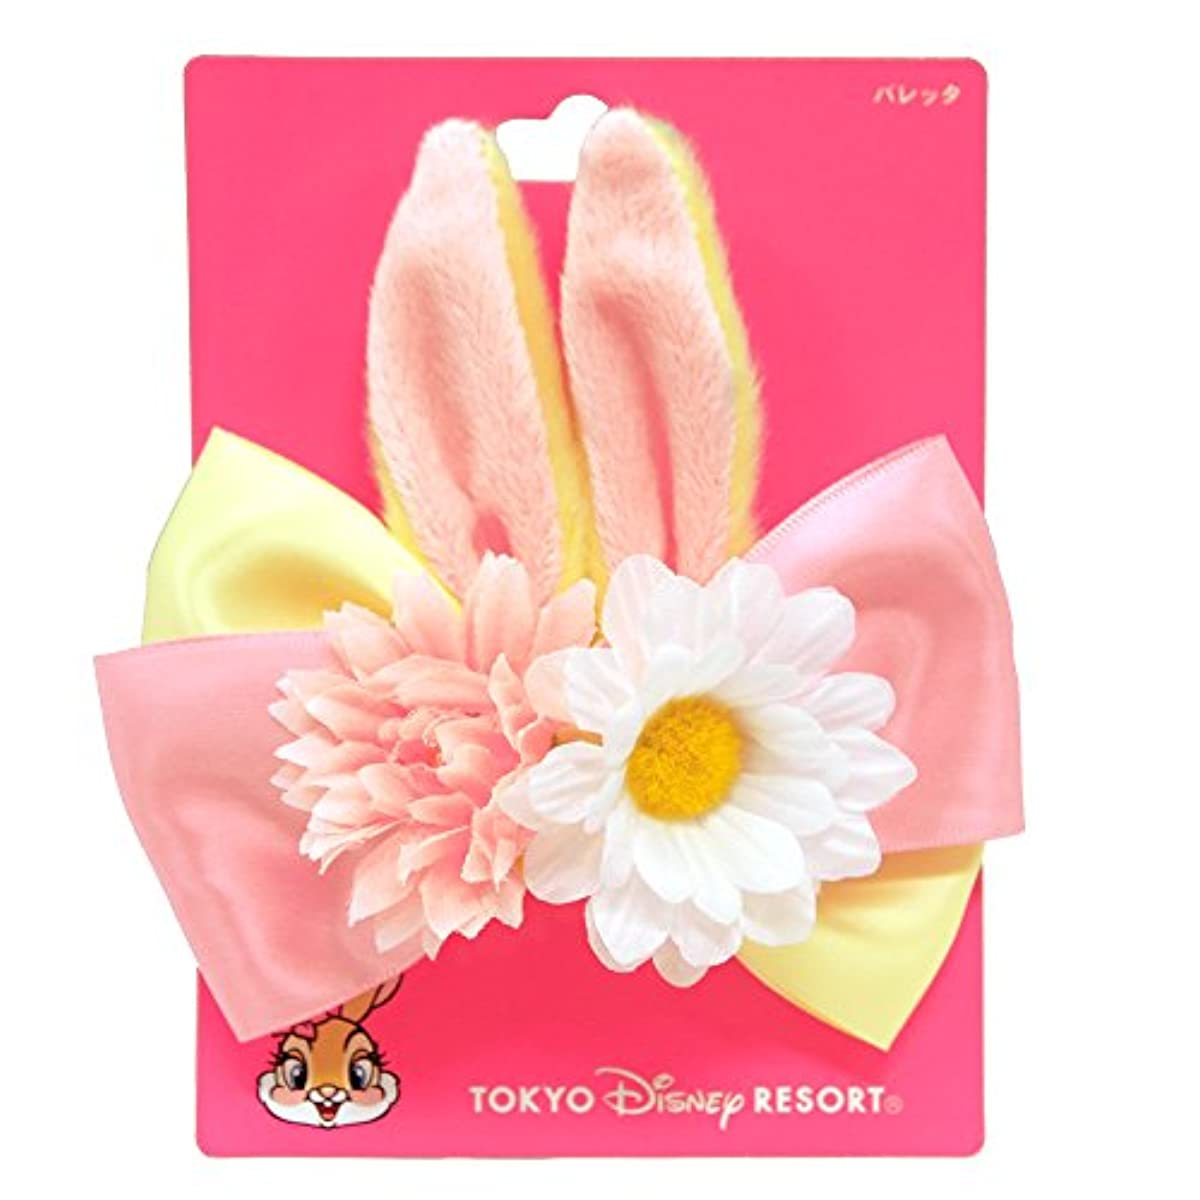 [해외] 이부착 꽃 리본 들키지다 ( 미스 버니 노랑색이) 발유치 큰 들키지다 디즈니 헤어 액세서리 봄 이어엽 이어여운 리조트 한정